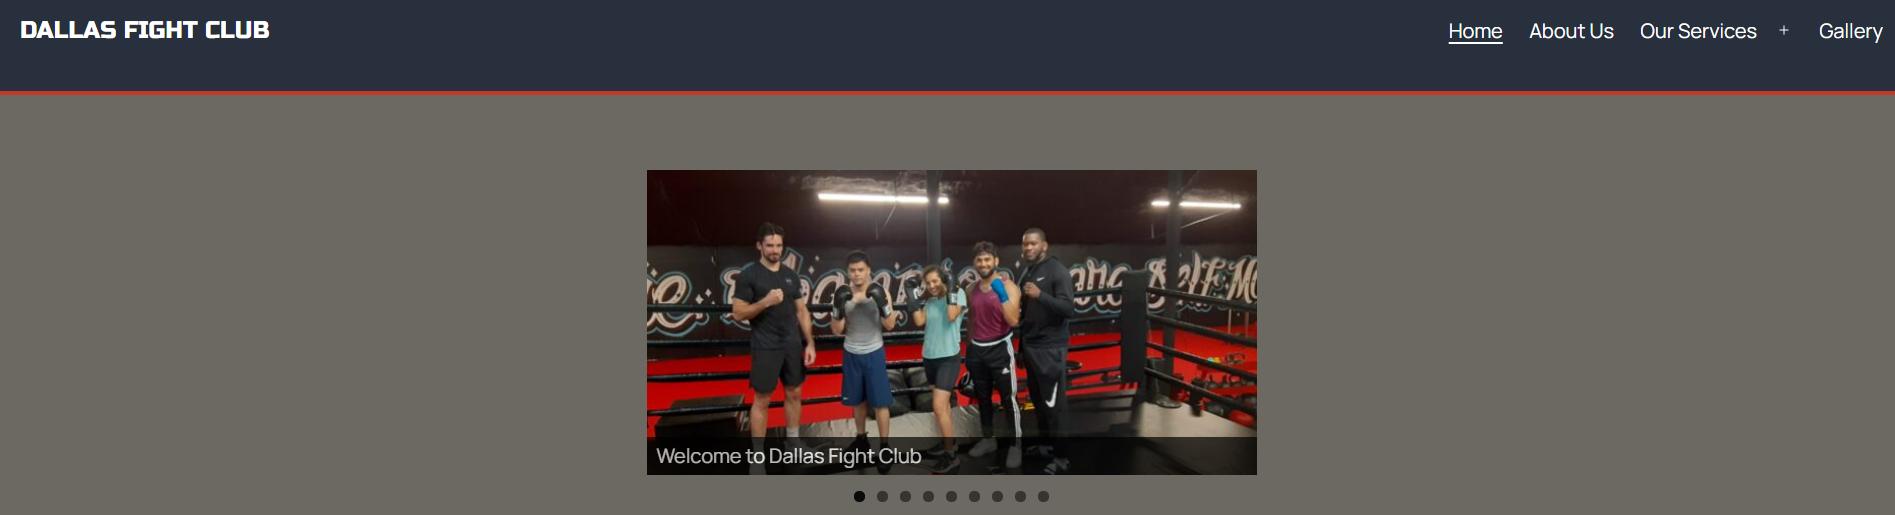 Dallas Fight Club